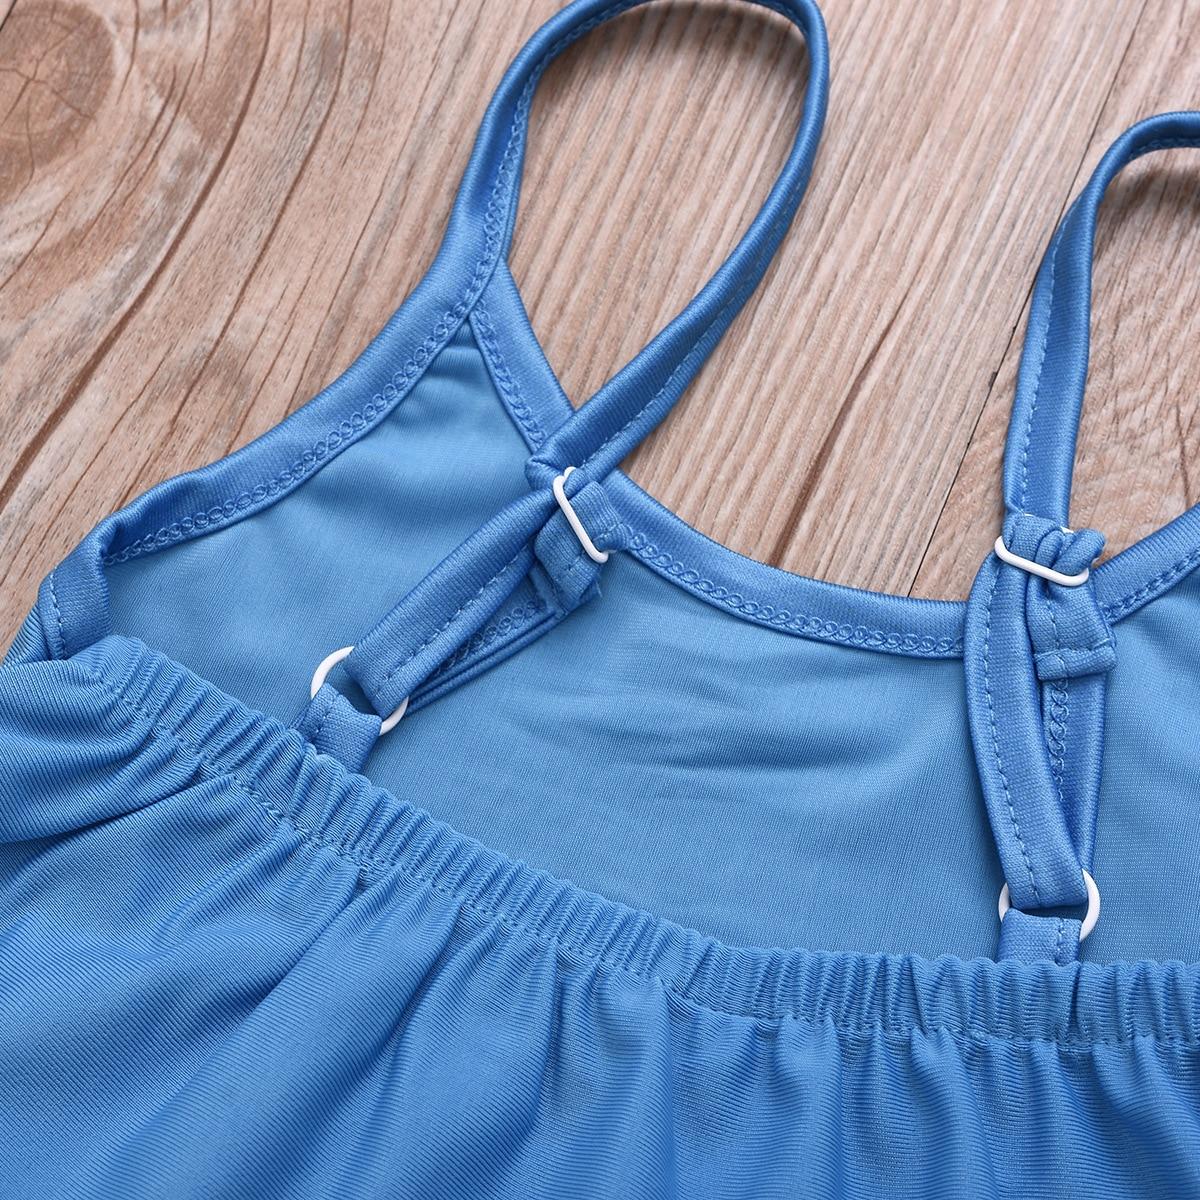 2019 New Style KID'S Swimwear Europe And America Girls Heart Suspender Shorts Swimsuit